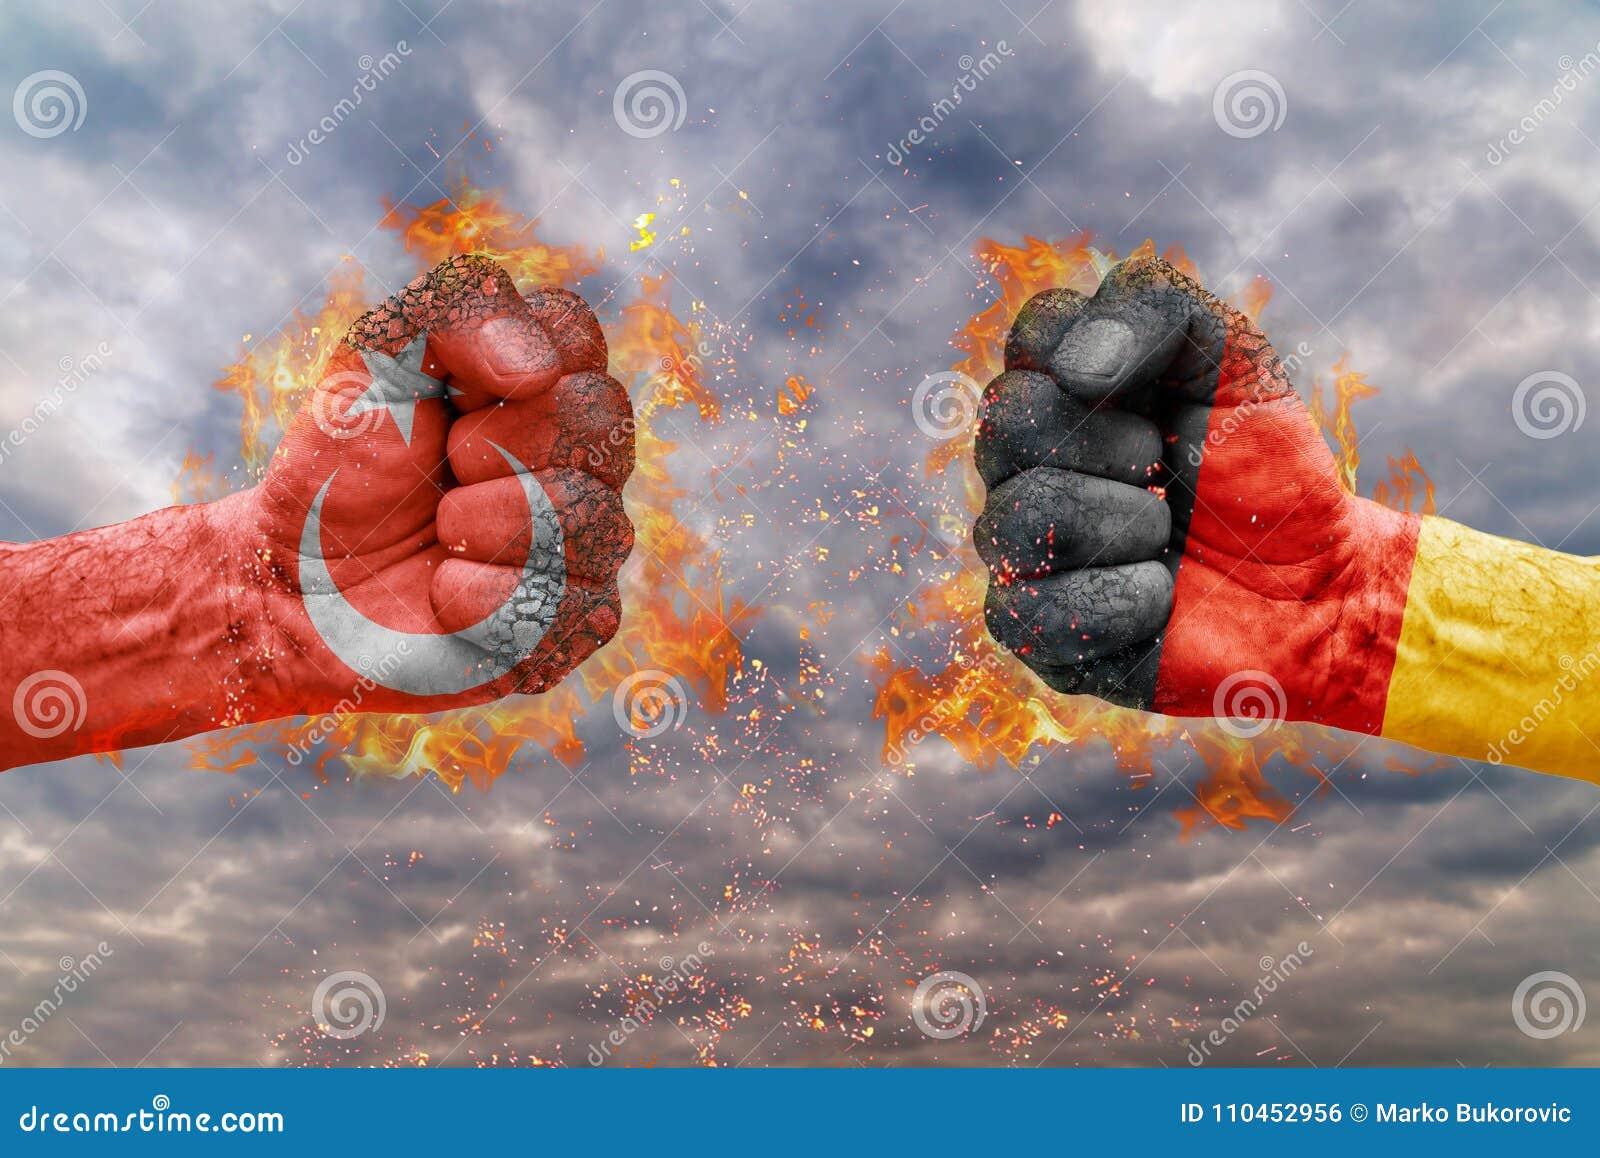 Faust zwei mit der Flagge von der Türkei und von Deutschland gegenübergestellt an einander